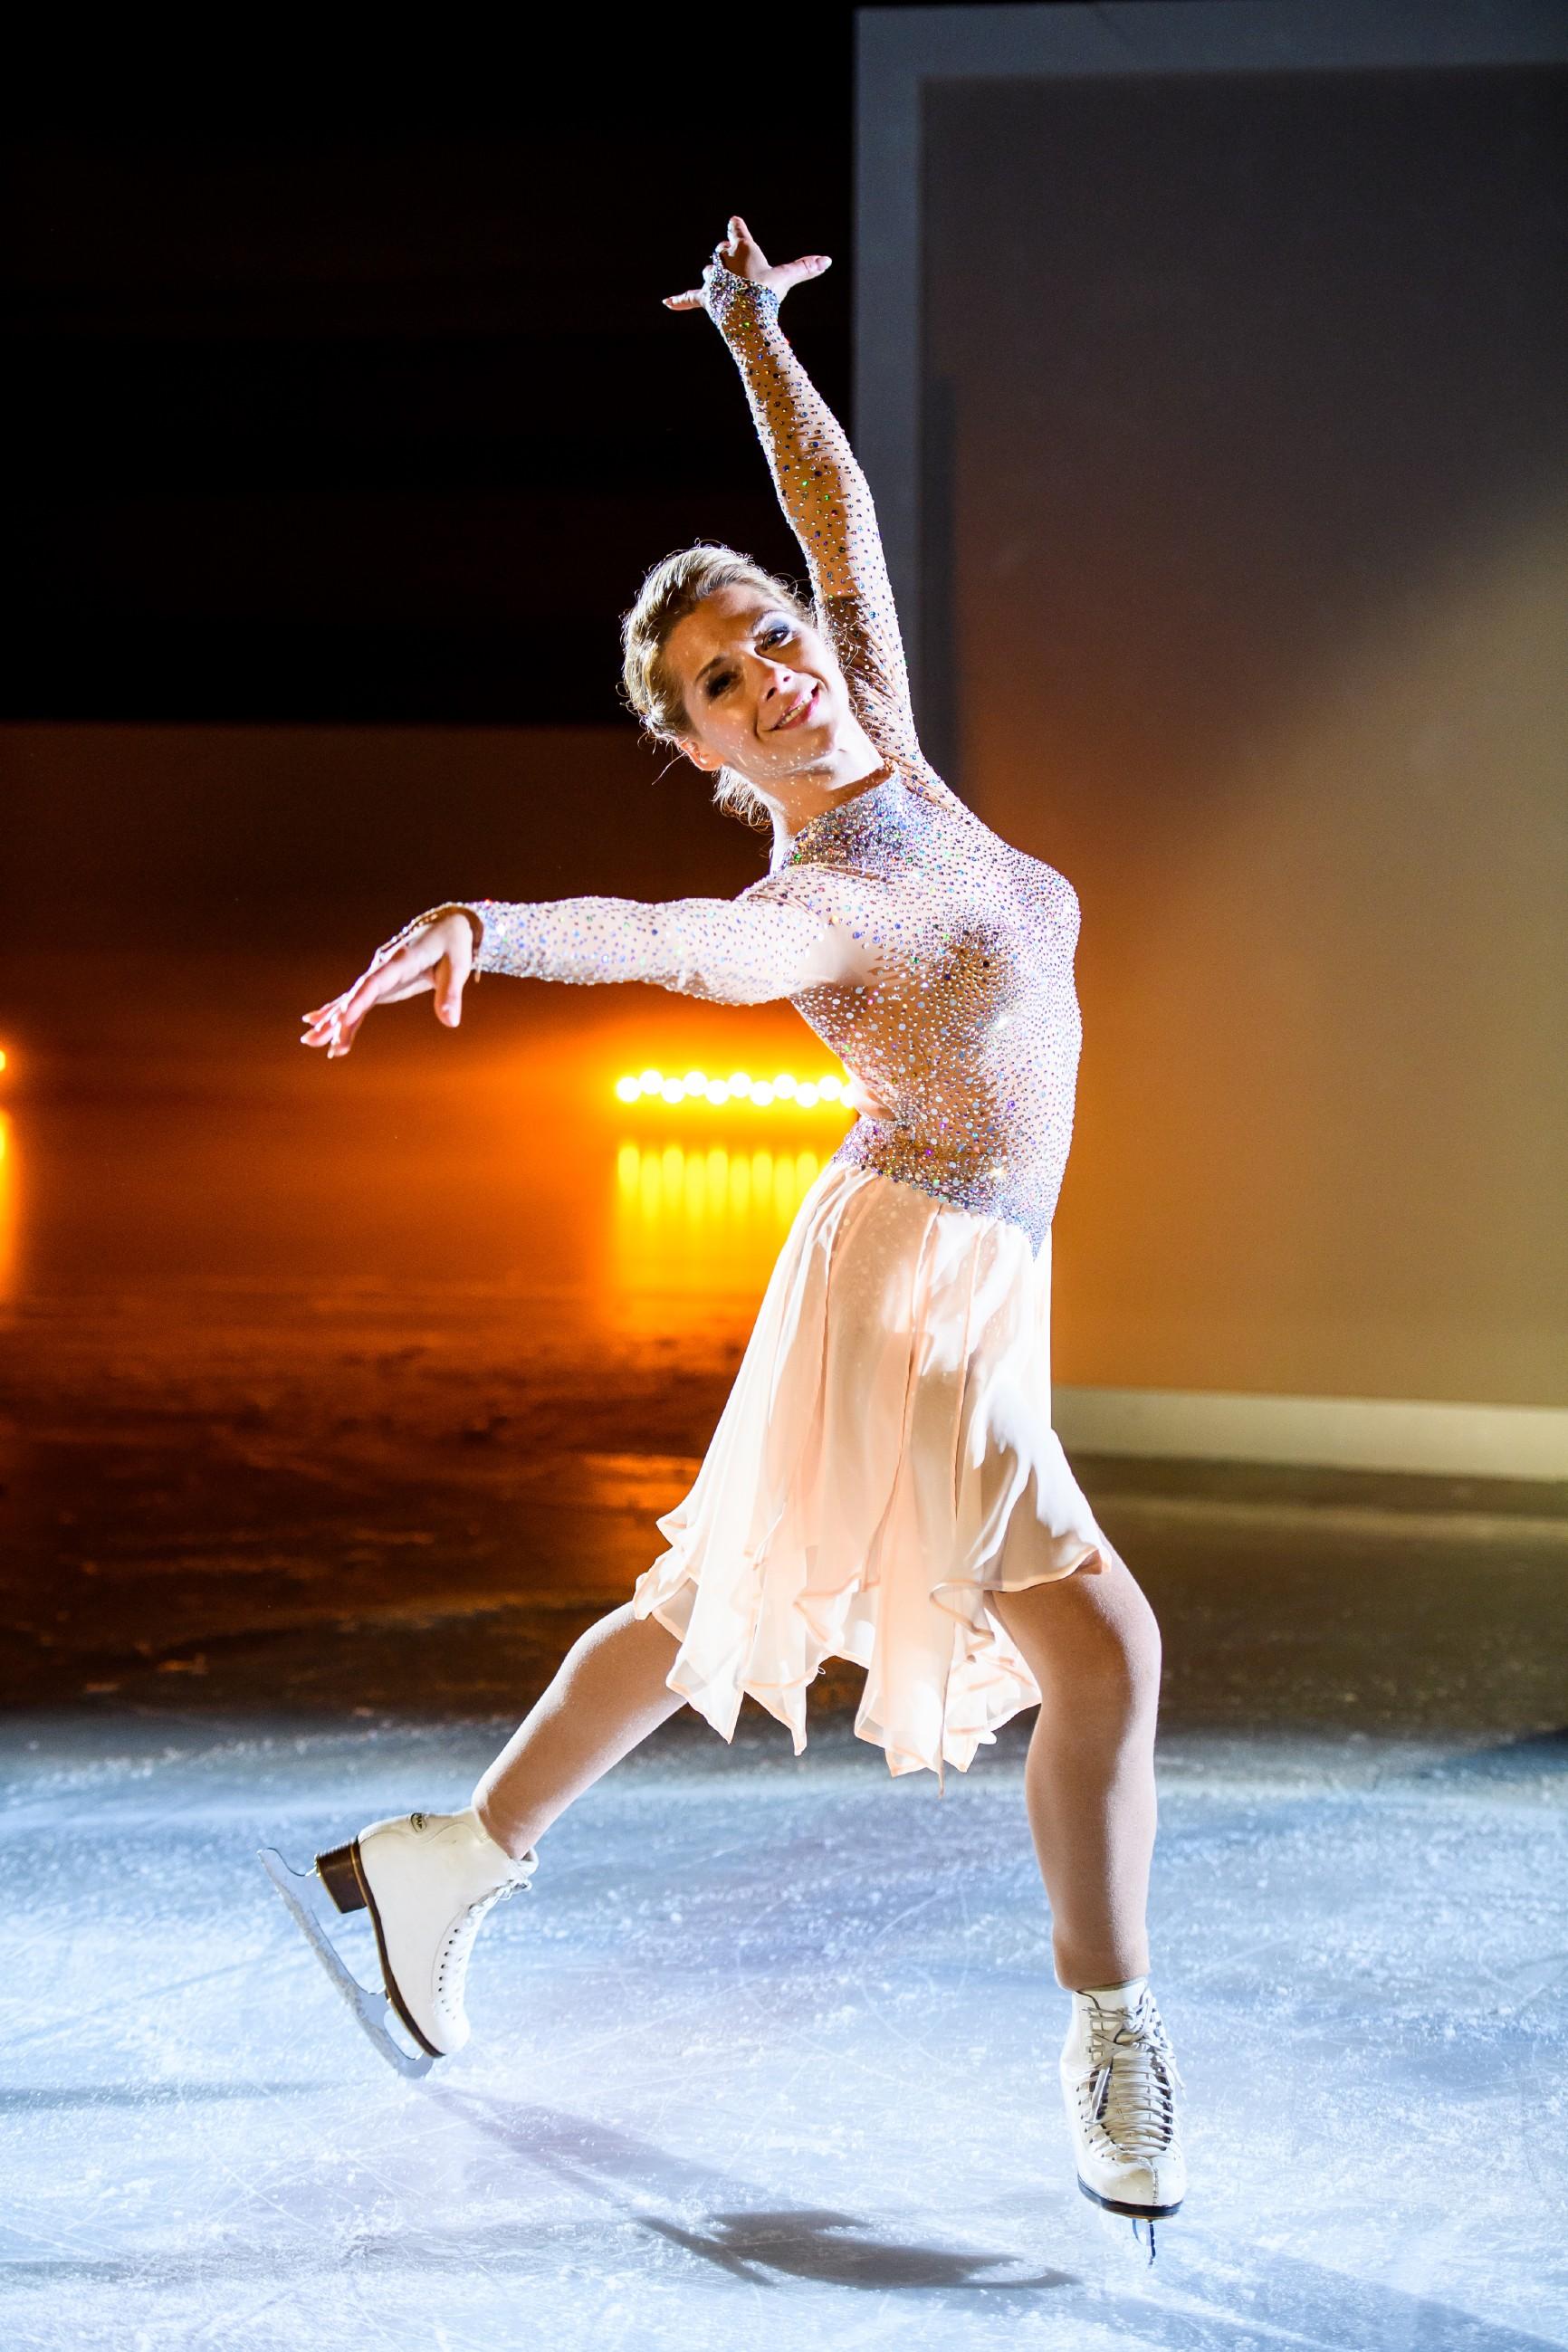 Bei der Eis-Gala läuft Diana (Tanja Szewczenko) strahlend ihre jeden verzaubernde Kür...